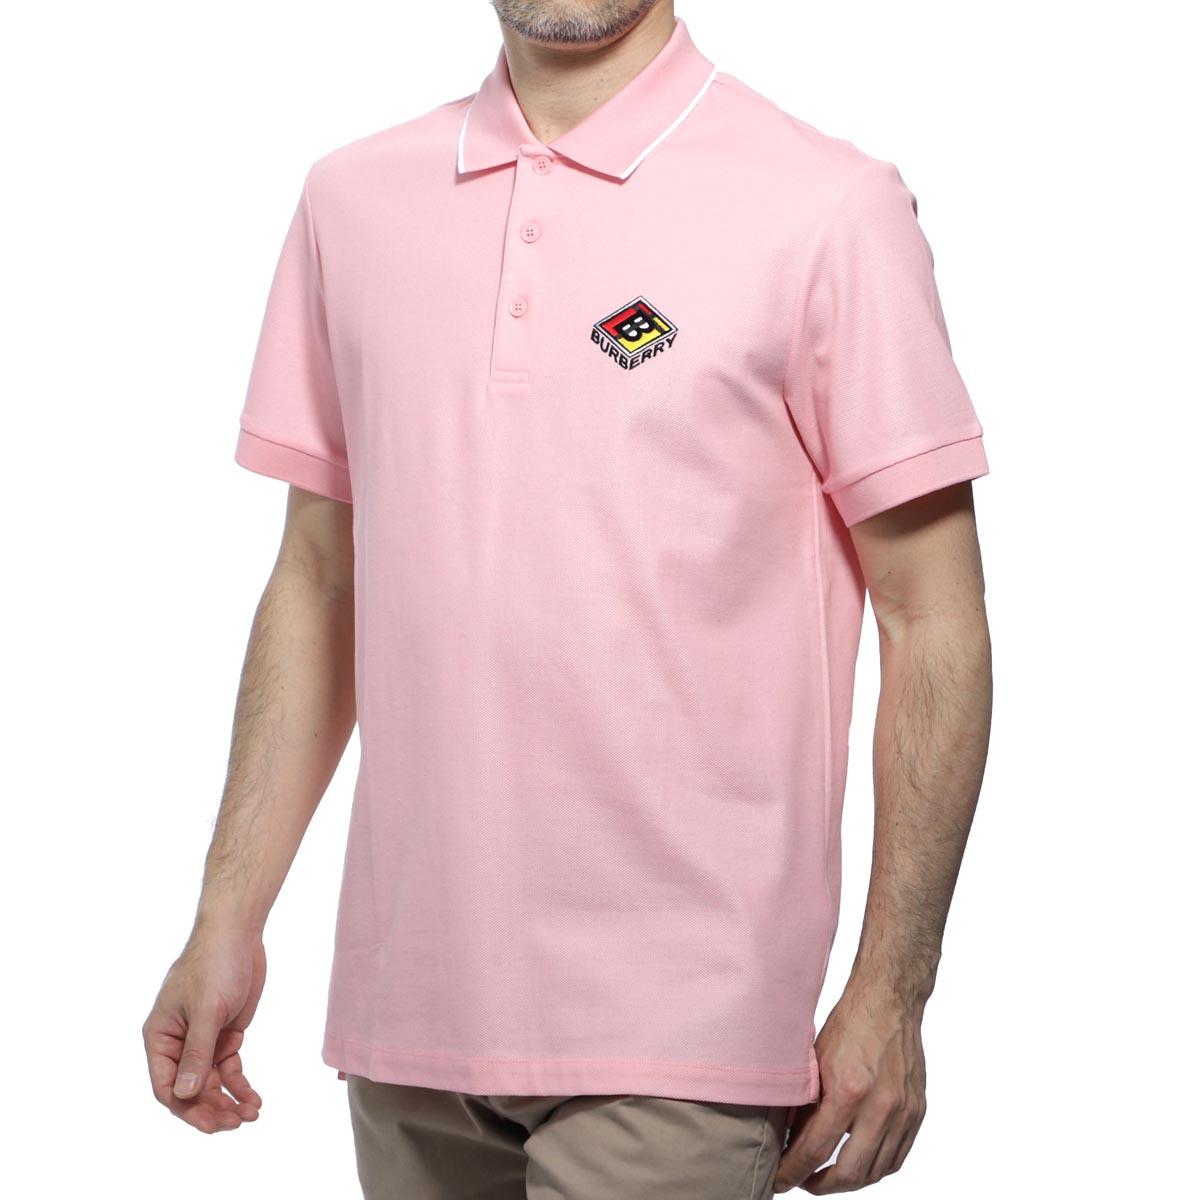 バーバリー BURBERRY ポロシャツ ピンク メンズ ゴルフ 8021836 candypink AIDEN【あす楽対応_関東】【返品送料無料】【ラッピング無料】